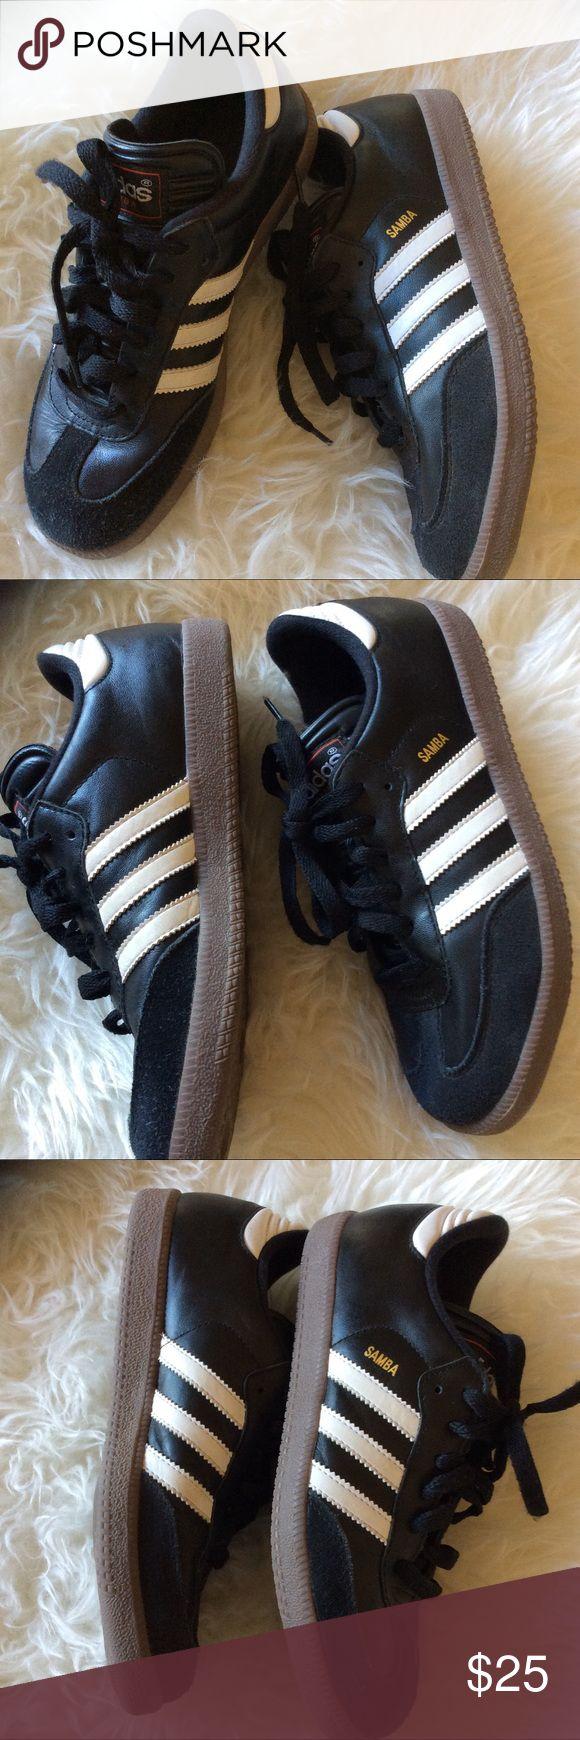 Size 7.5 women's Adidas black and white samba shoe VGUC kids size 5.5 women's size 7.5 black with white stripes adidas samba suede and leather gum bottoms. adidas Shoes